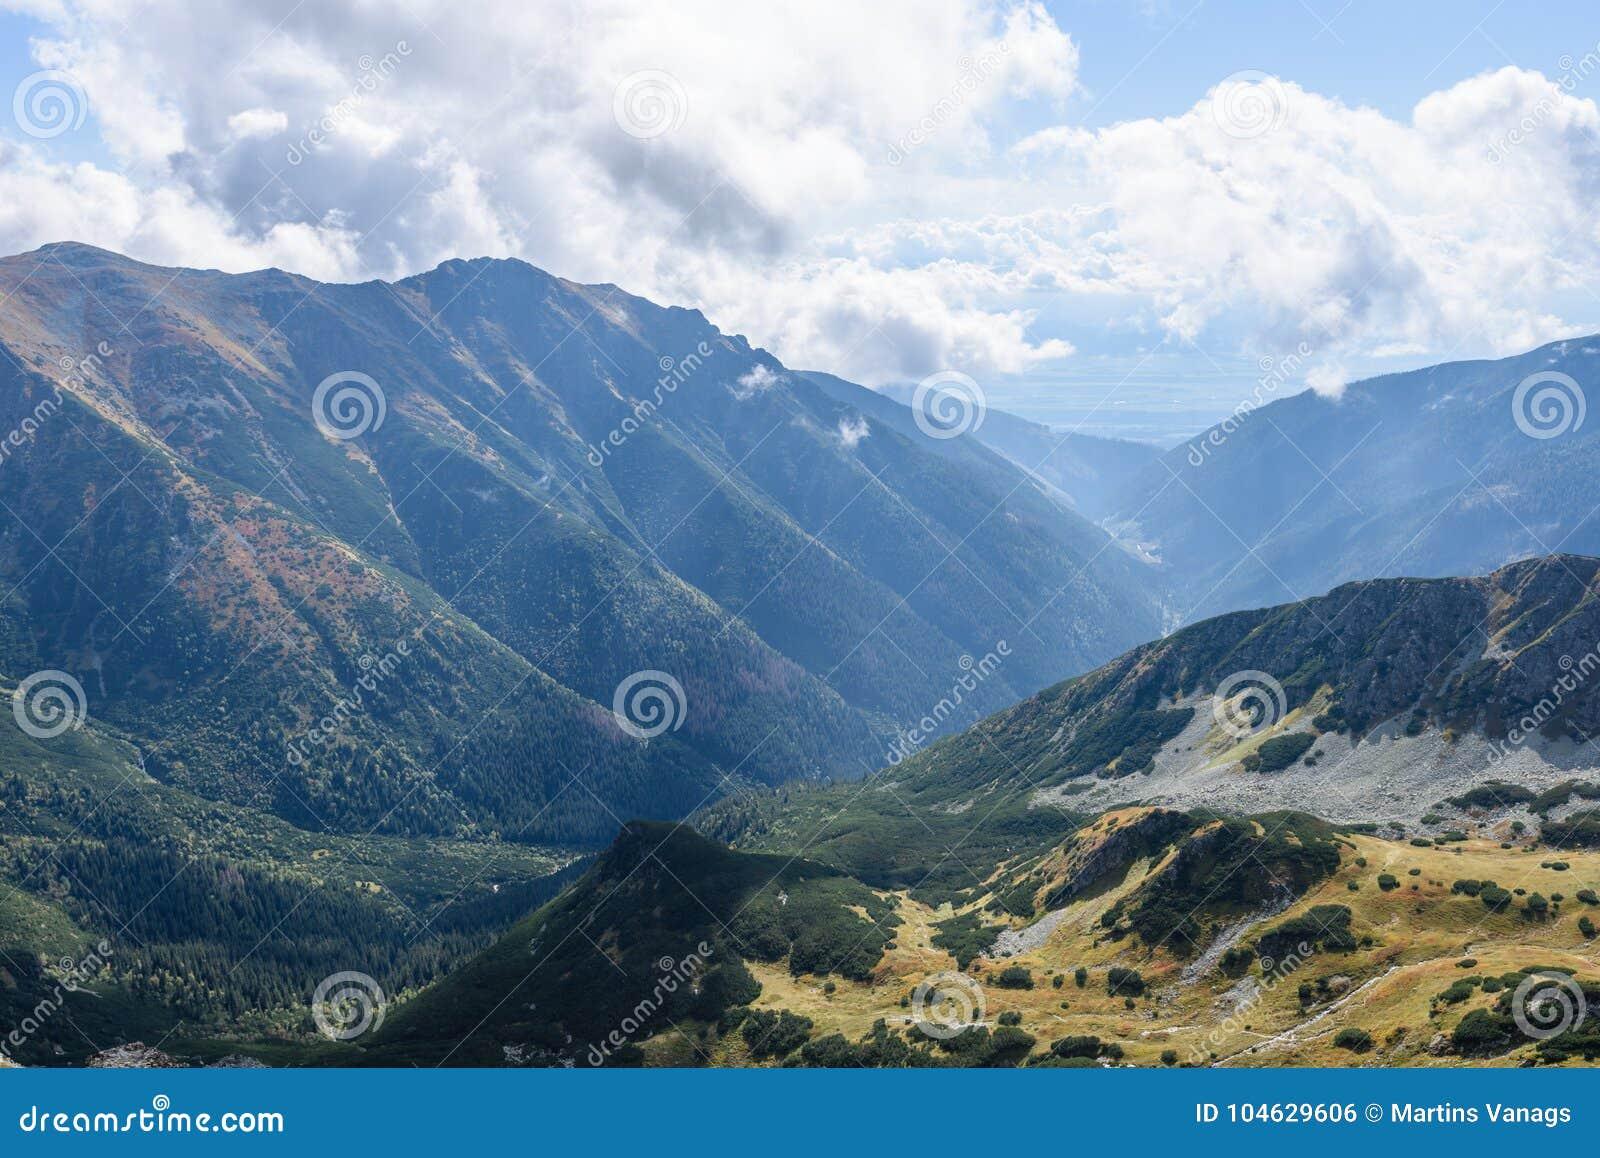 Download De Rotsachtige Mening Van Het Berg Piekgebied In Slowakije Stock Foto - Afbeelding bestaande uit ecologisch, foggy: 104629606